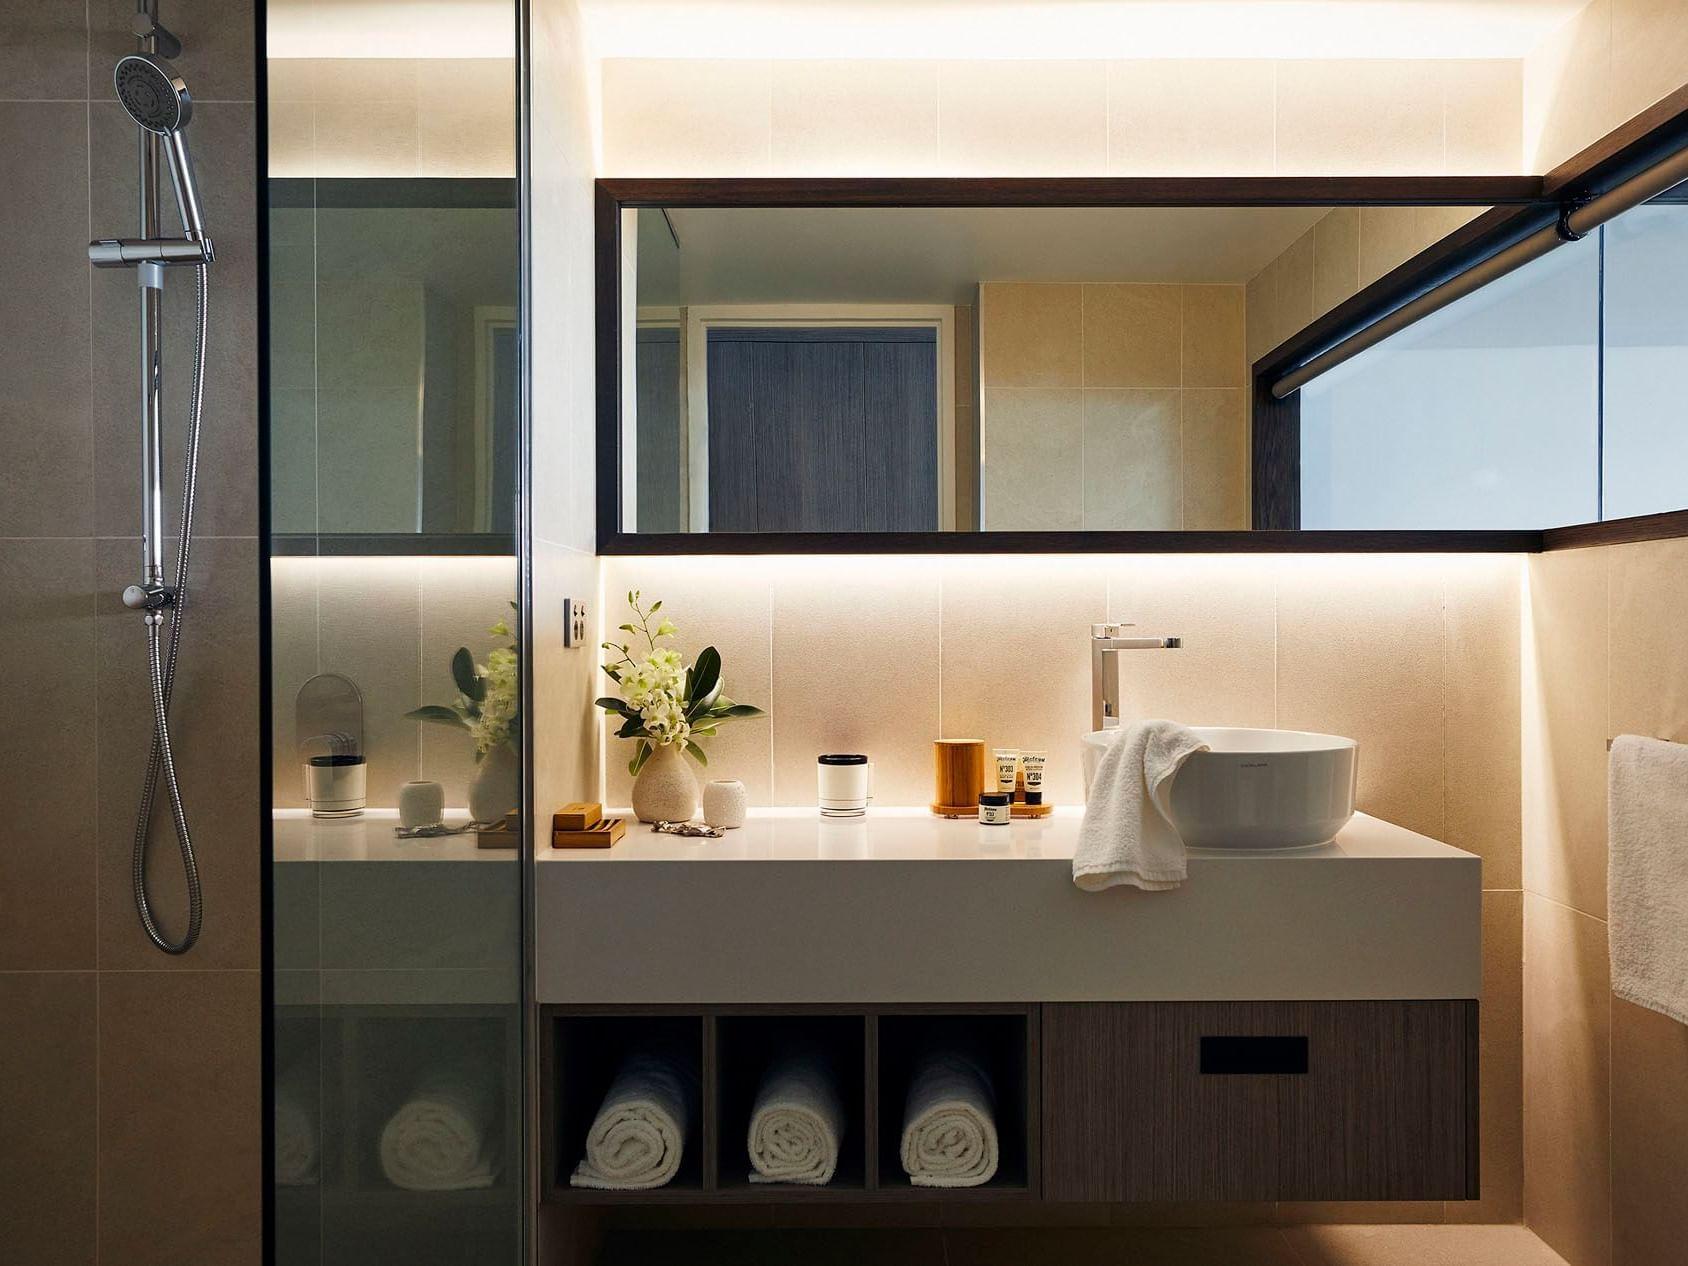 Bathroom in Deluxe Ocean Terrace room at Daydream Island Resort